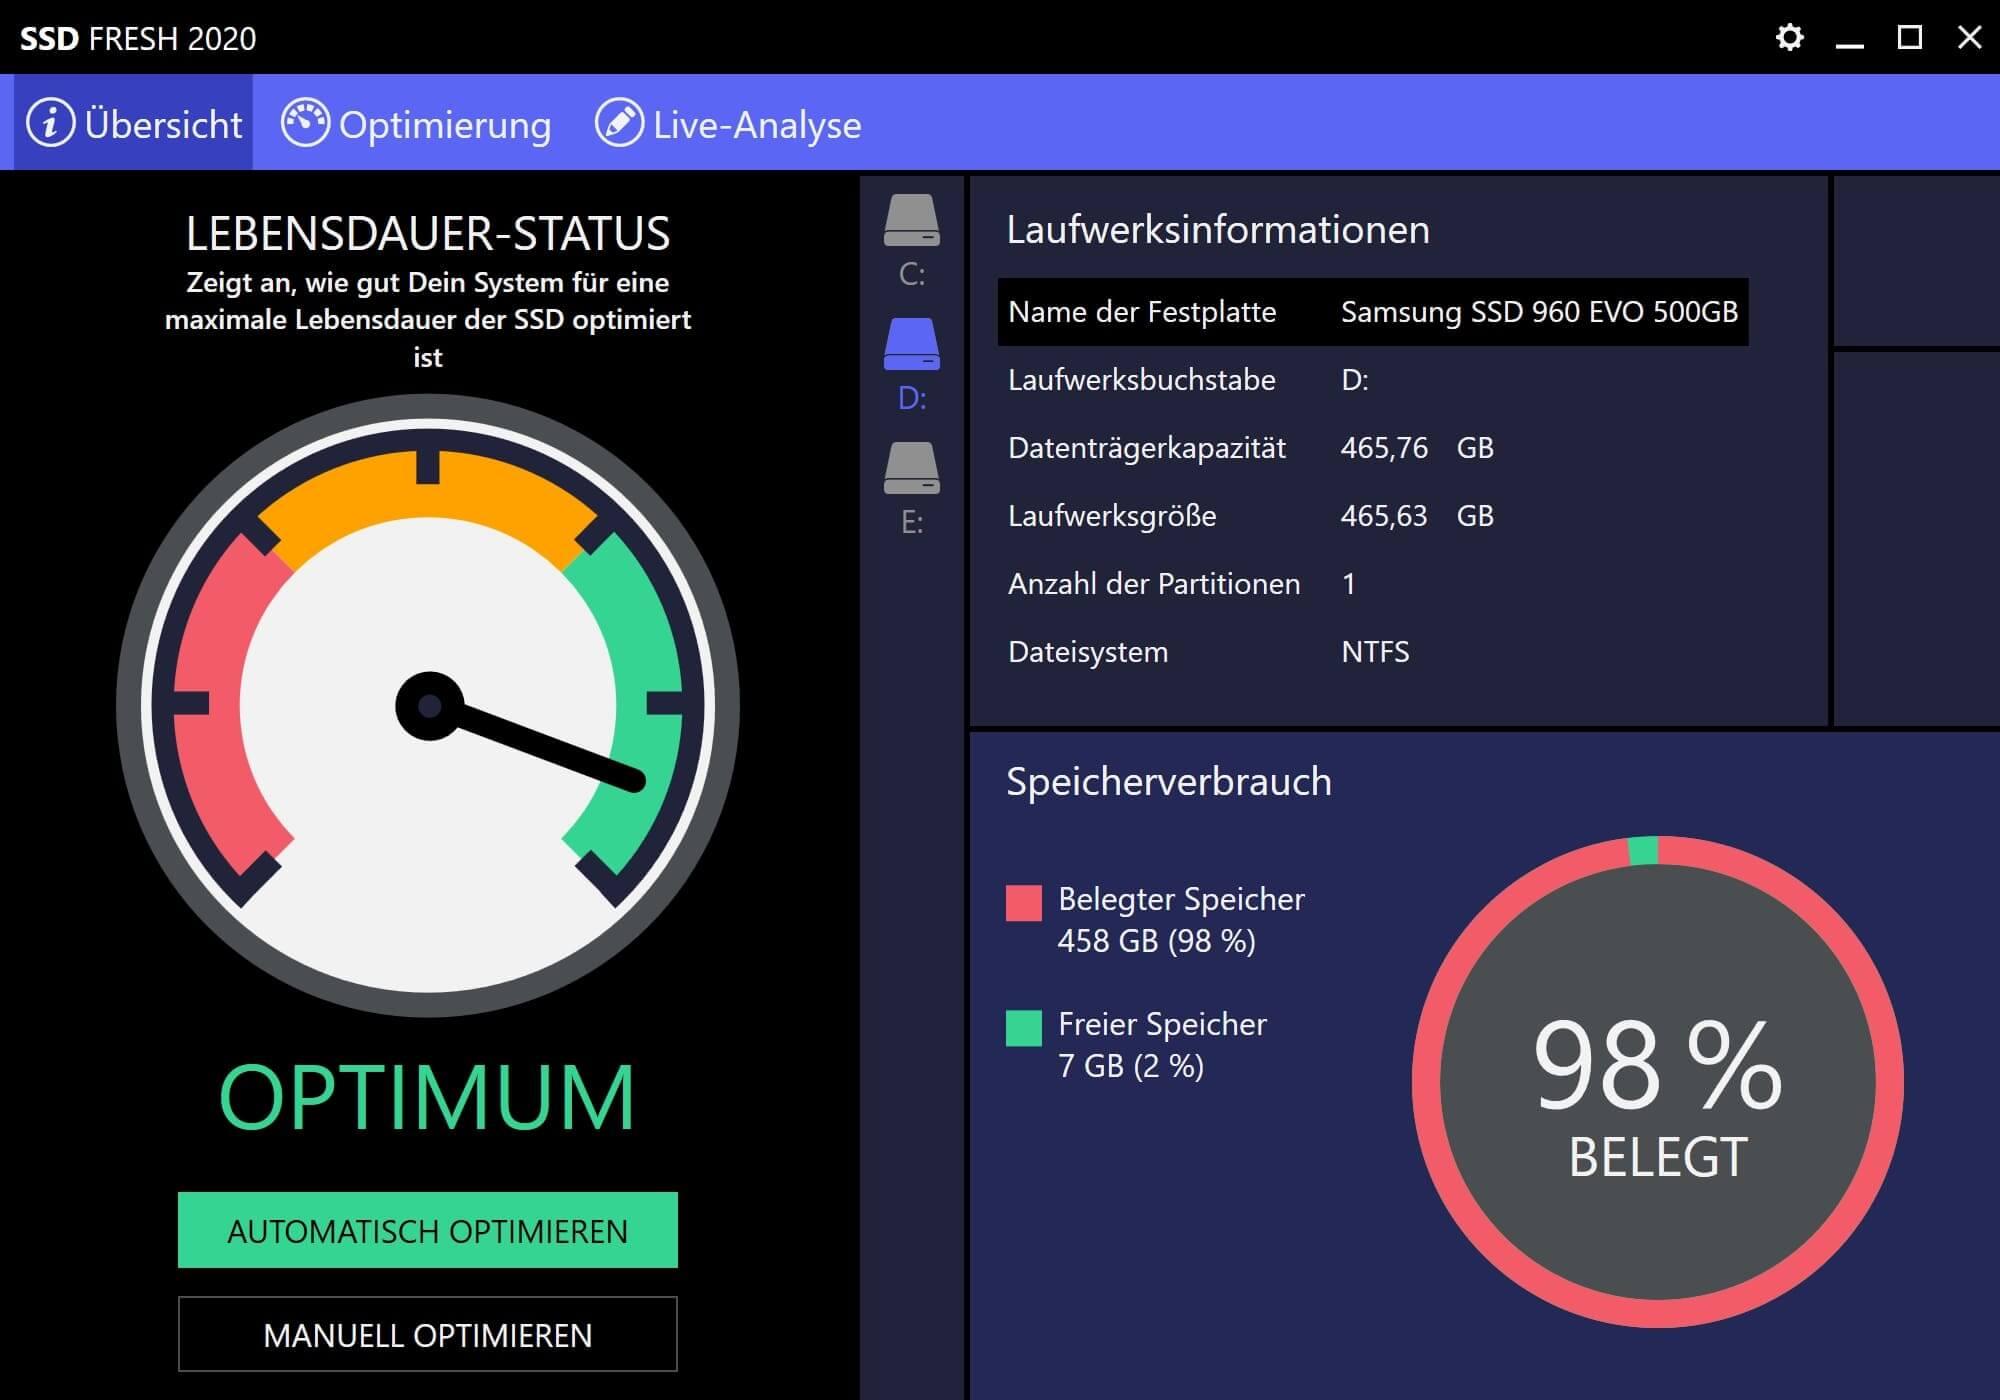 Windows 7 SSD optimieren - Zustand nach Optimierung